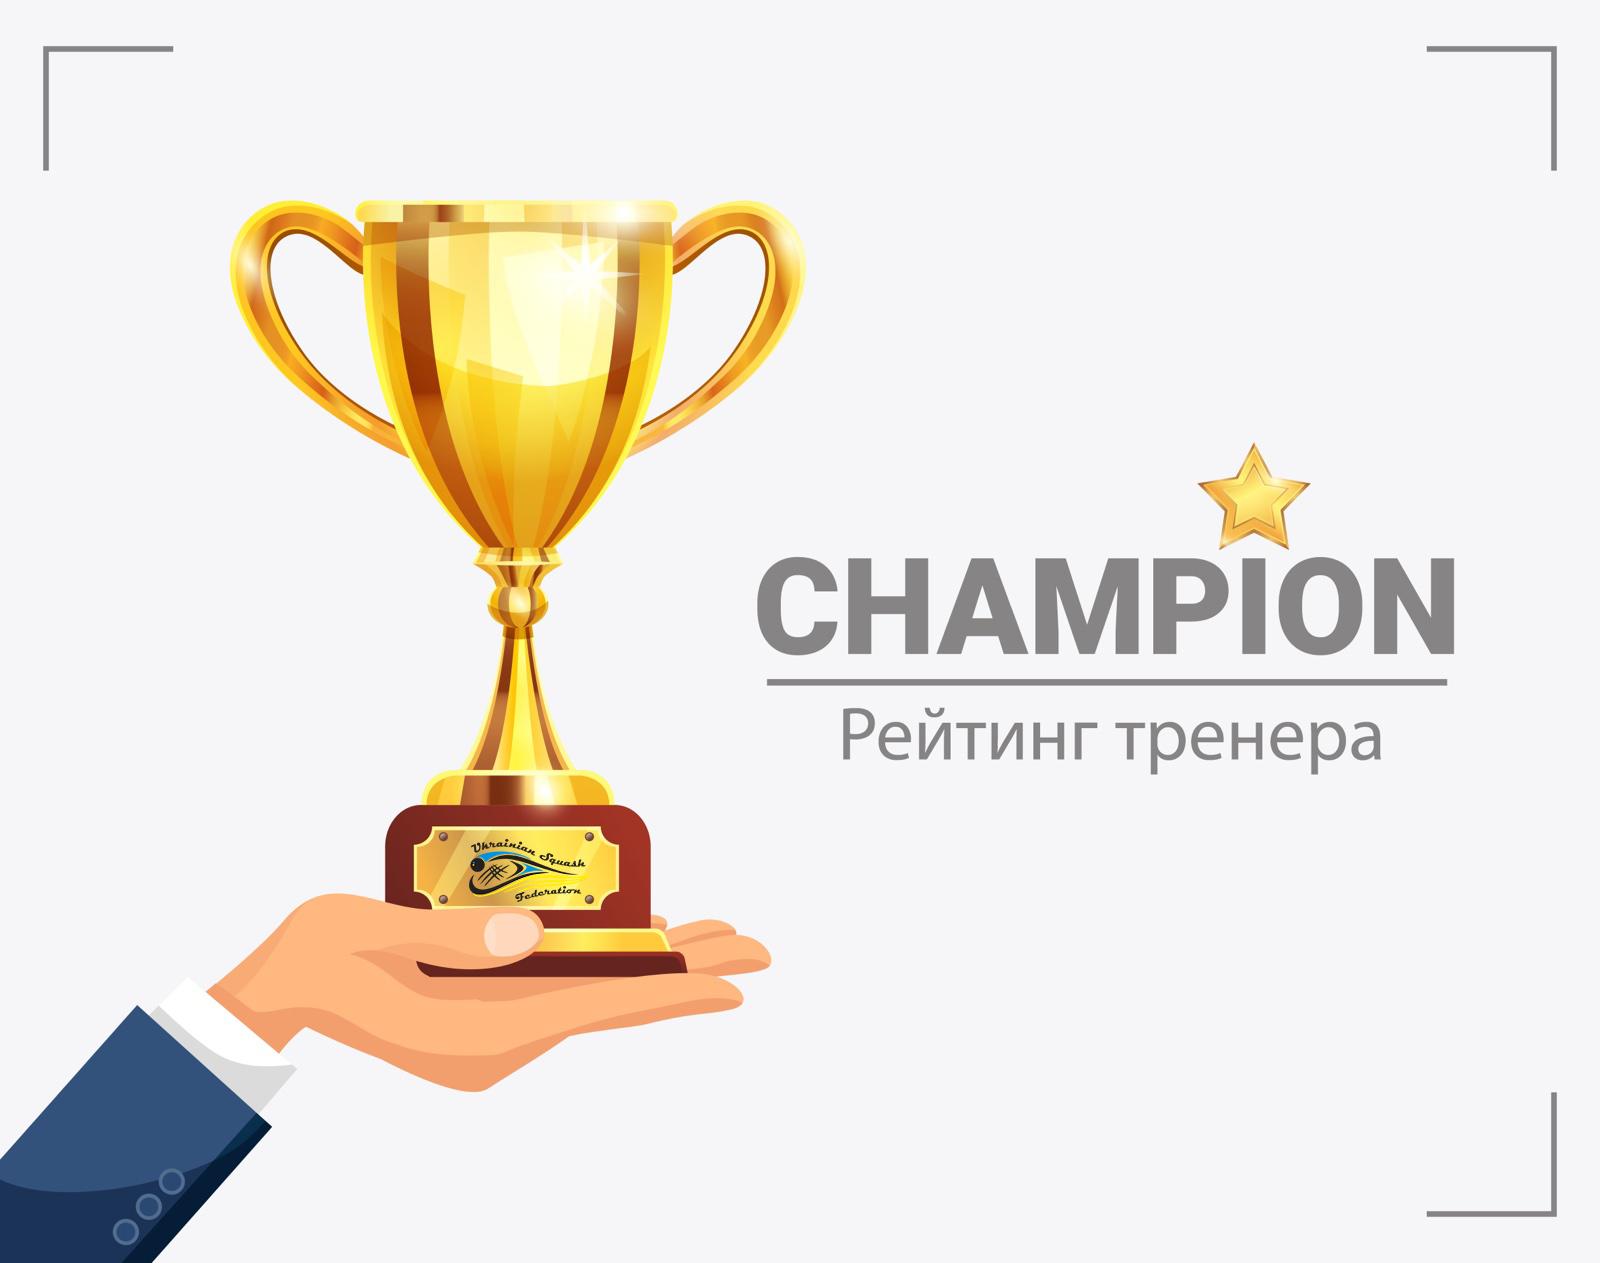 Рейтинг Тренера: норми та принципи нарахування рейтингу тренерам зі сквошу на території України починаючи з 2021 року